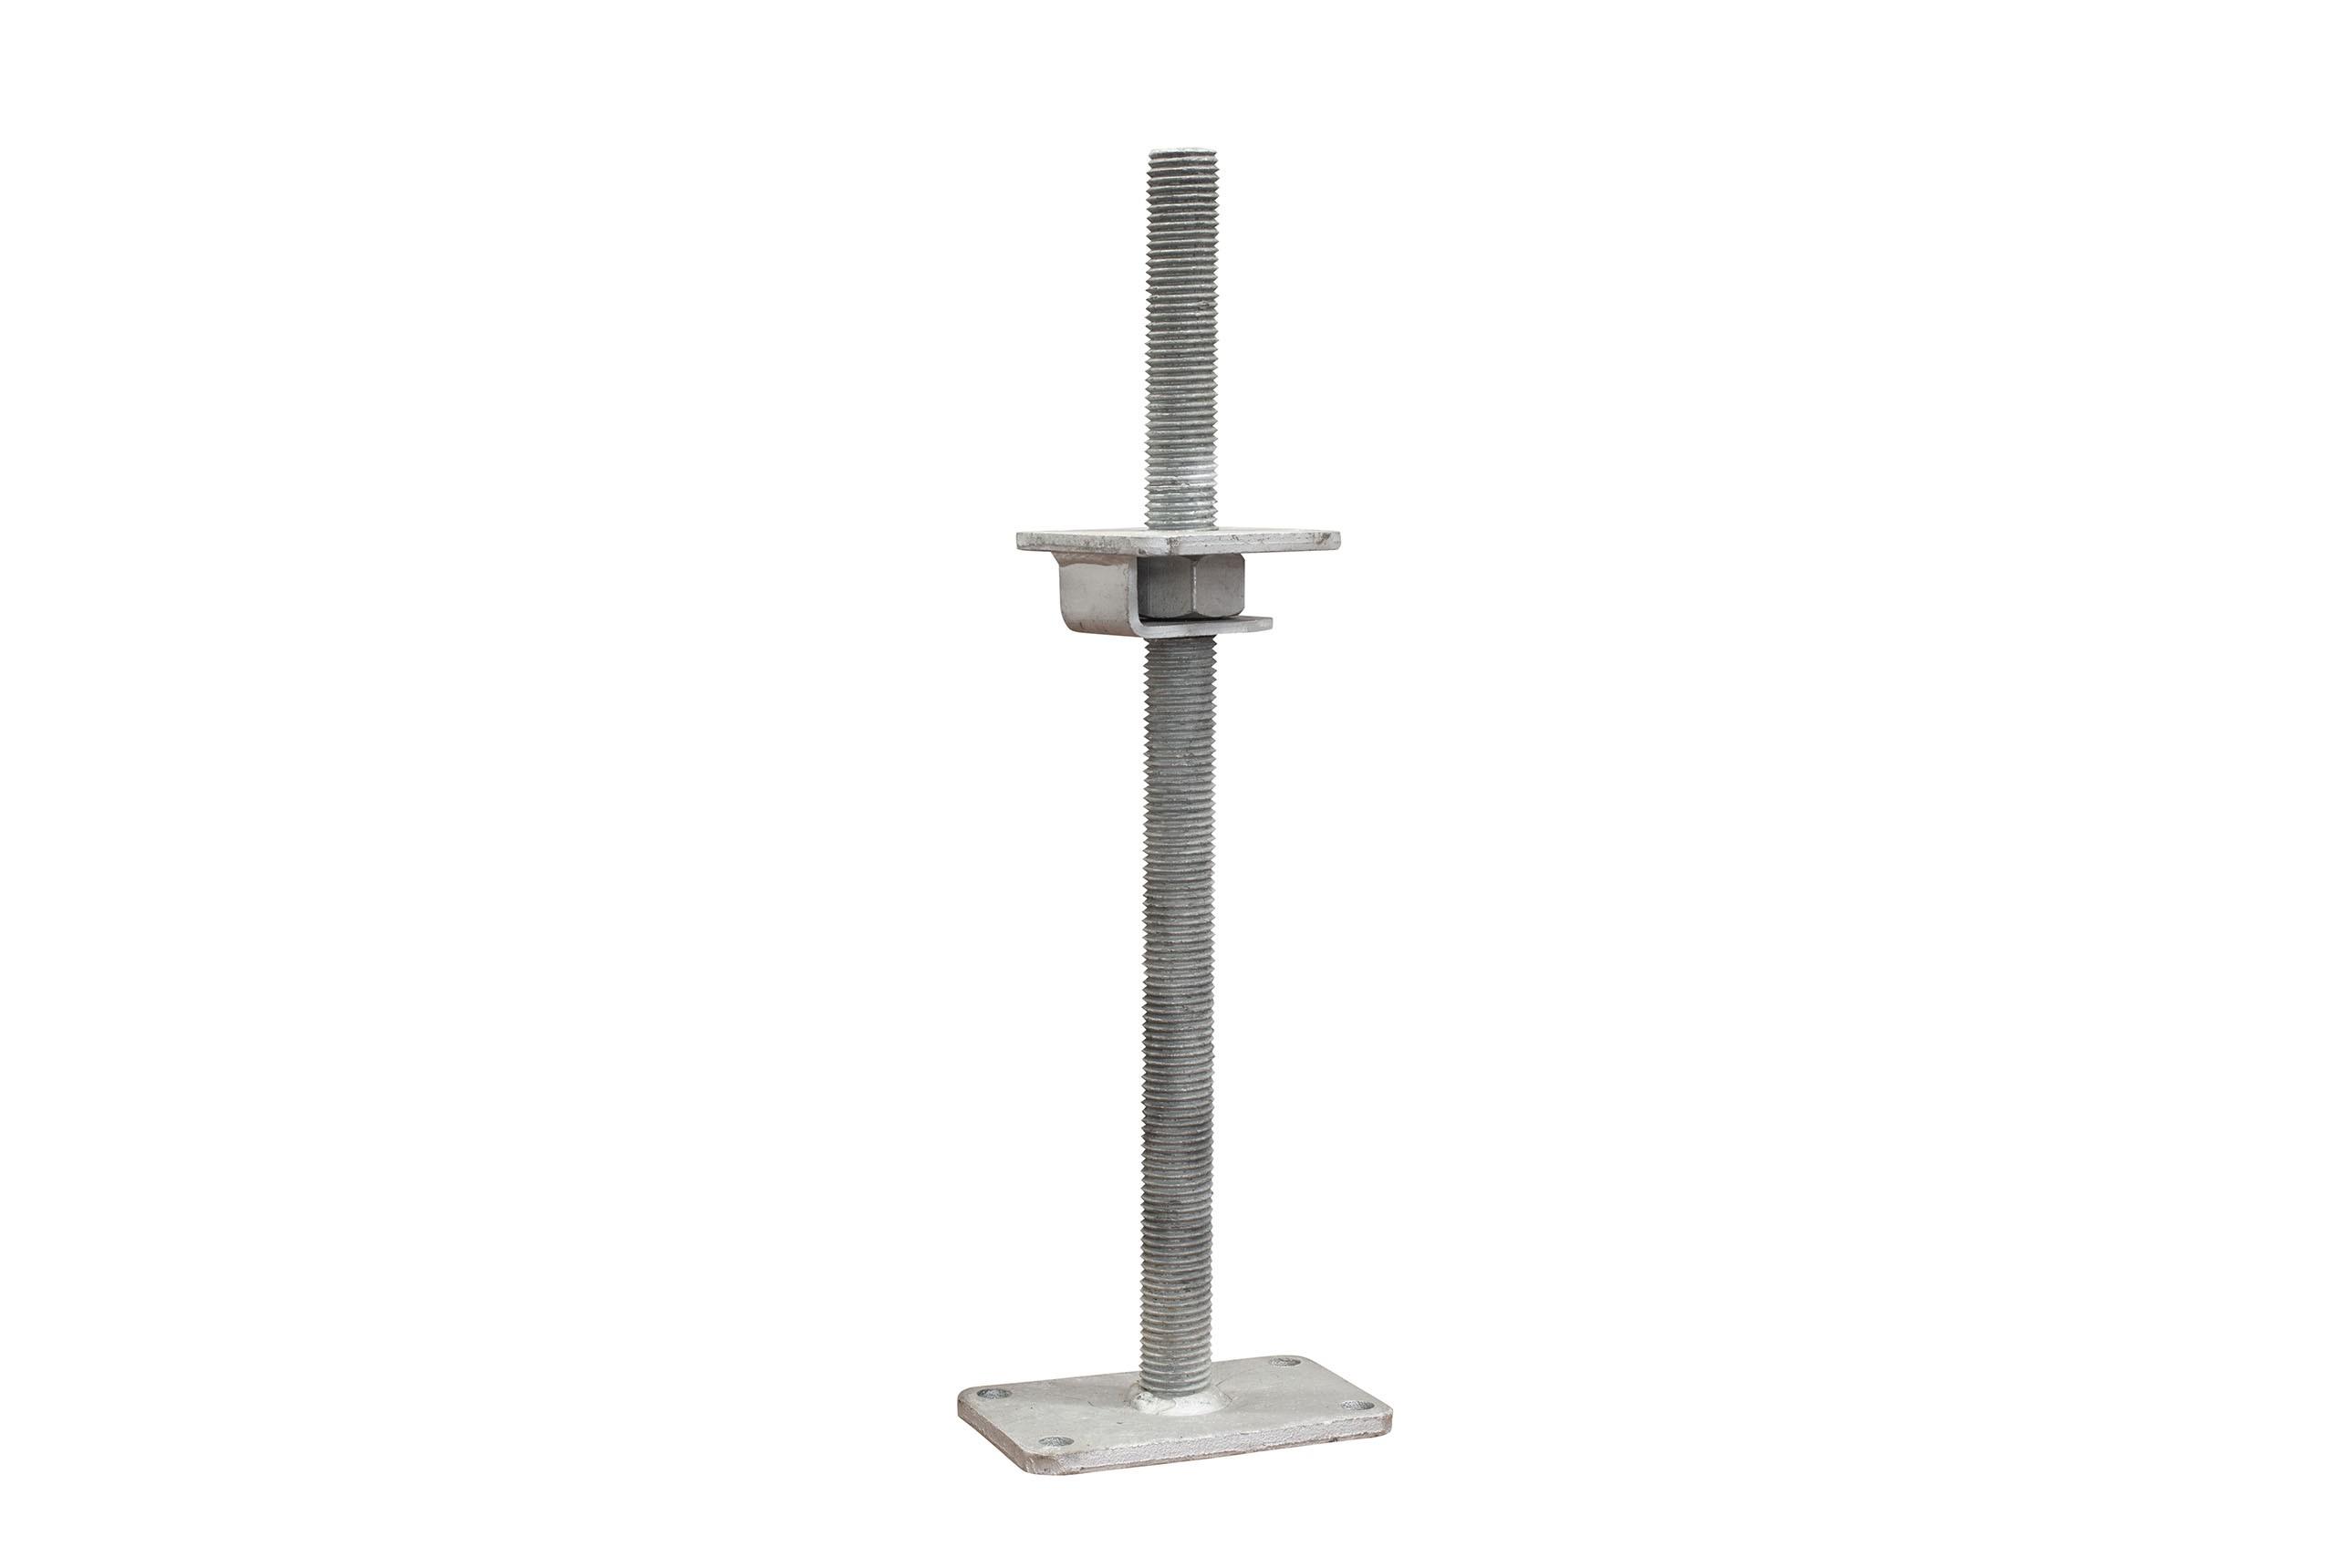 Zware Paaldrager 500 mm hoog